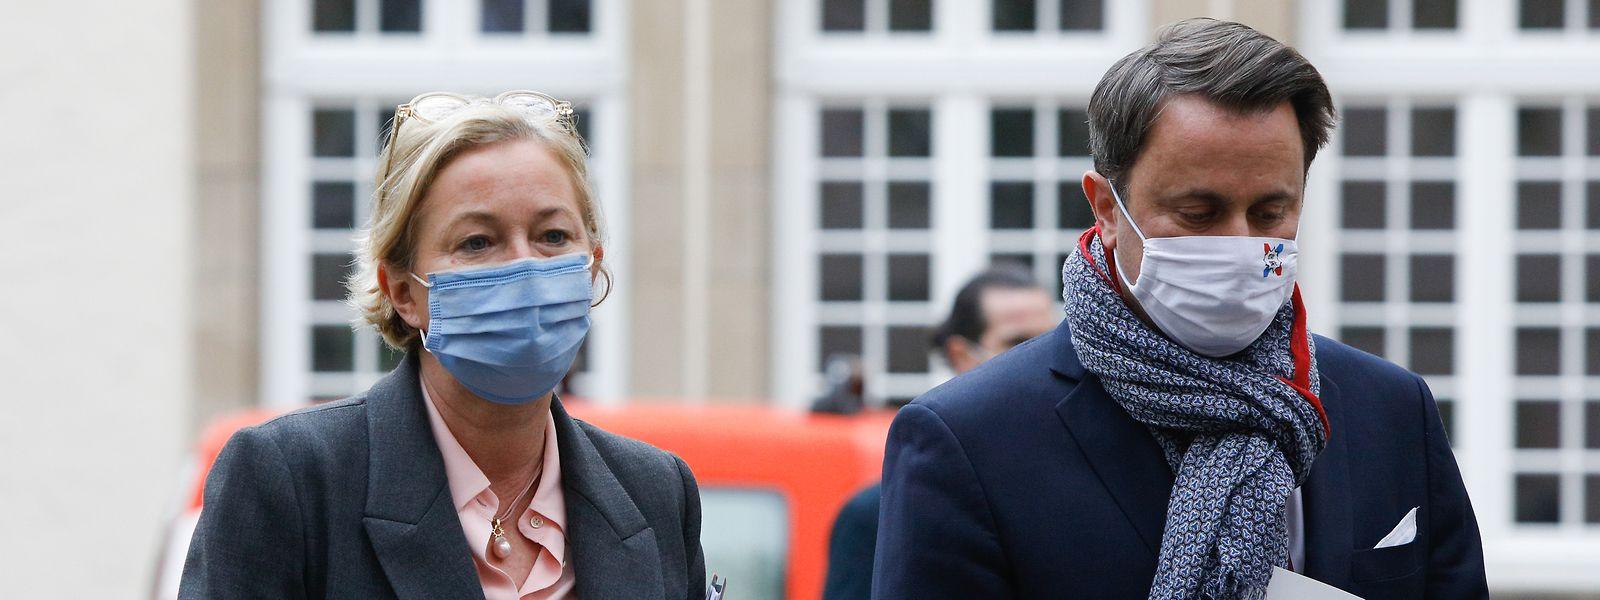 Favoriser le retour à la normale ou la prudence sanitaire? La question se pose à nouveau à Paulette Lenert et Xavier Bettel.